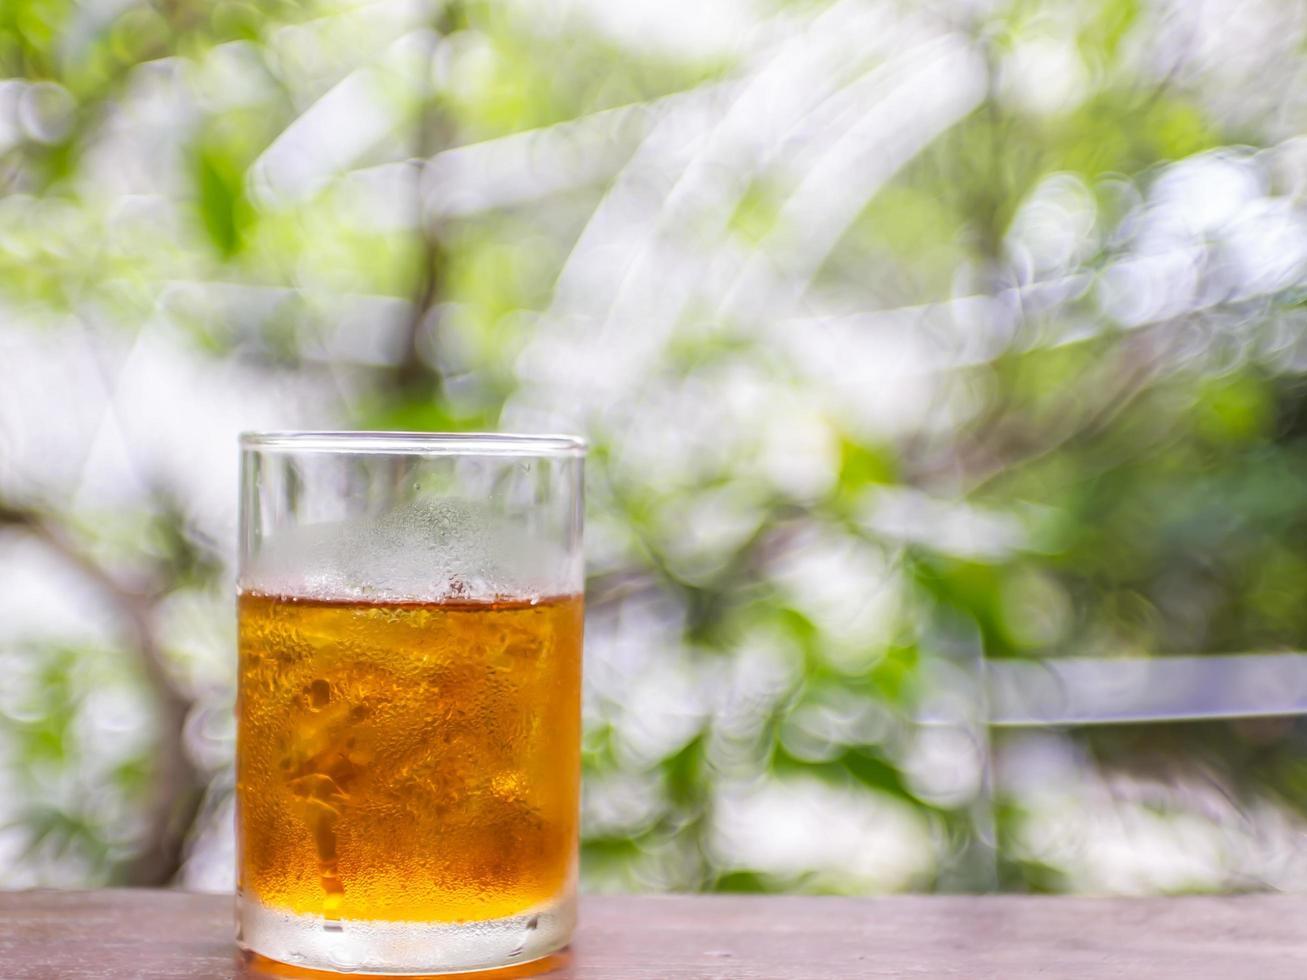 citroenthee met groene natuur bokeh achtergrond wazig foto